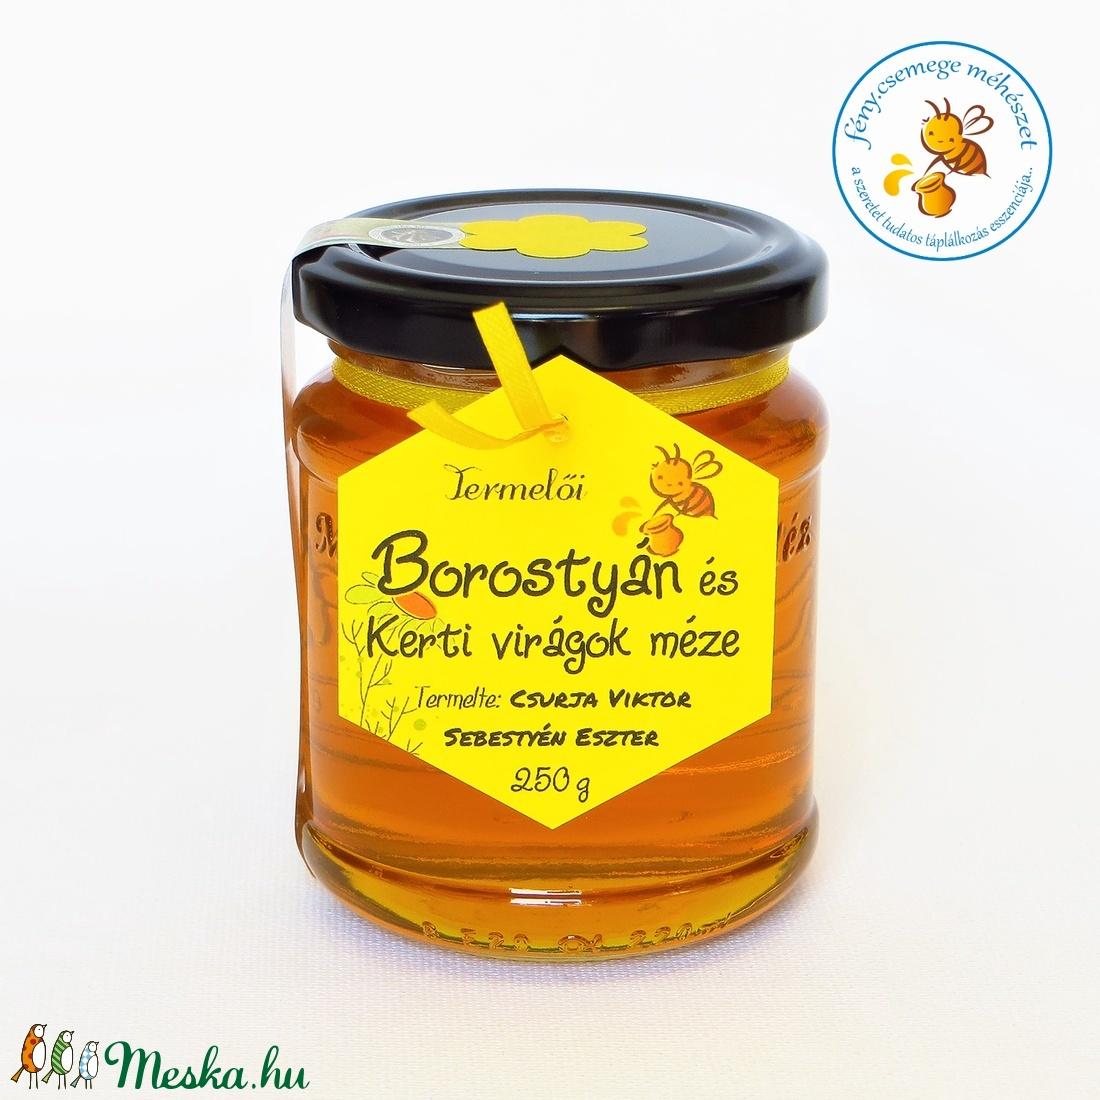 borostyán és kerti virágok méze (fenycsemege) - Meska.hu